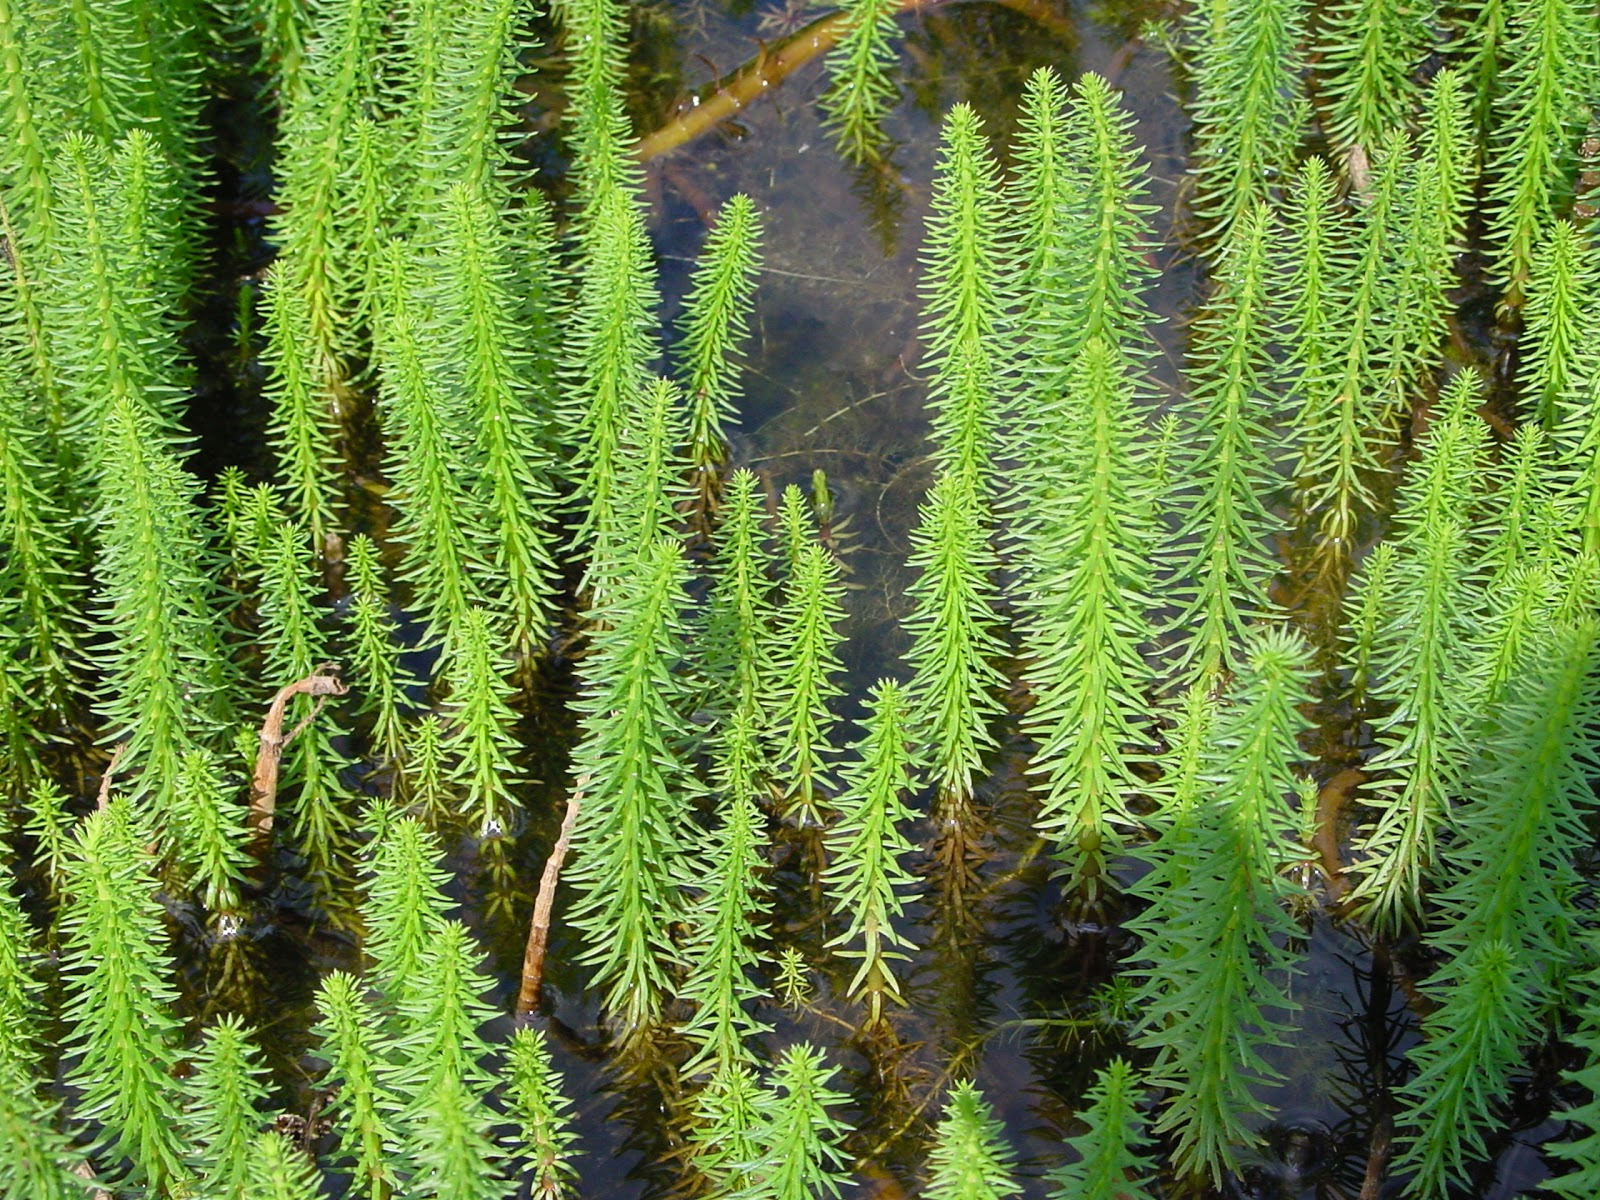 Jardineria eladio nonay plantas ribere as y palustres - Jardineria eladio nonay ...